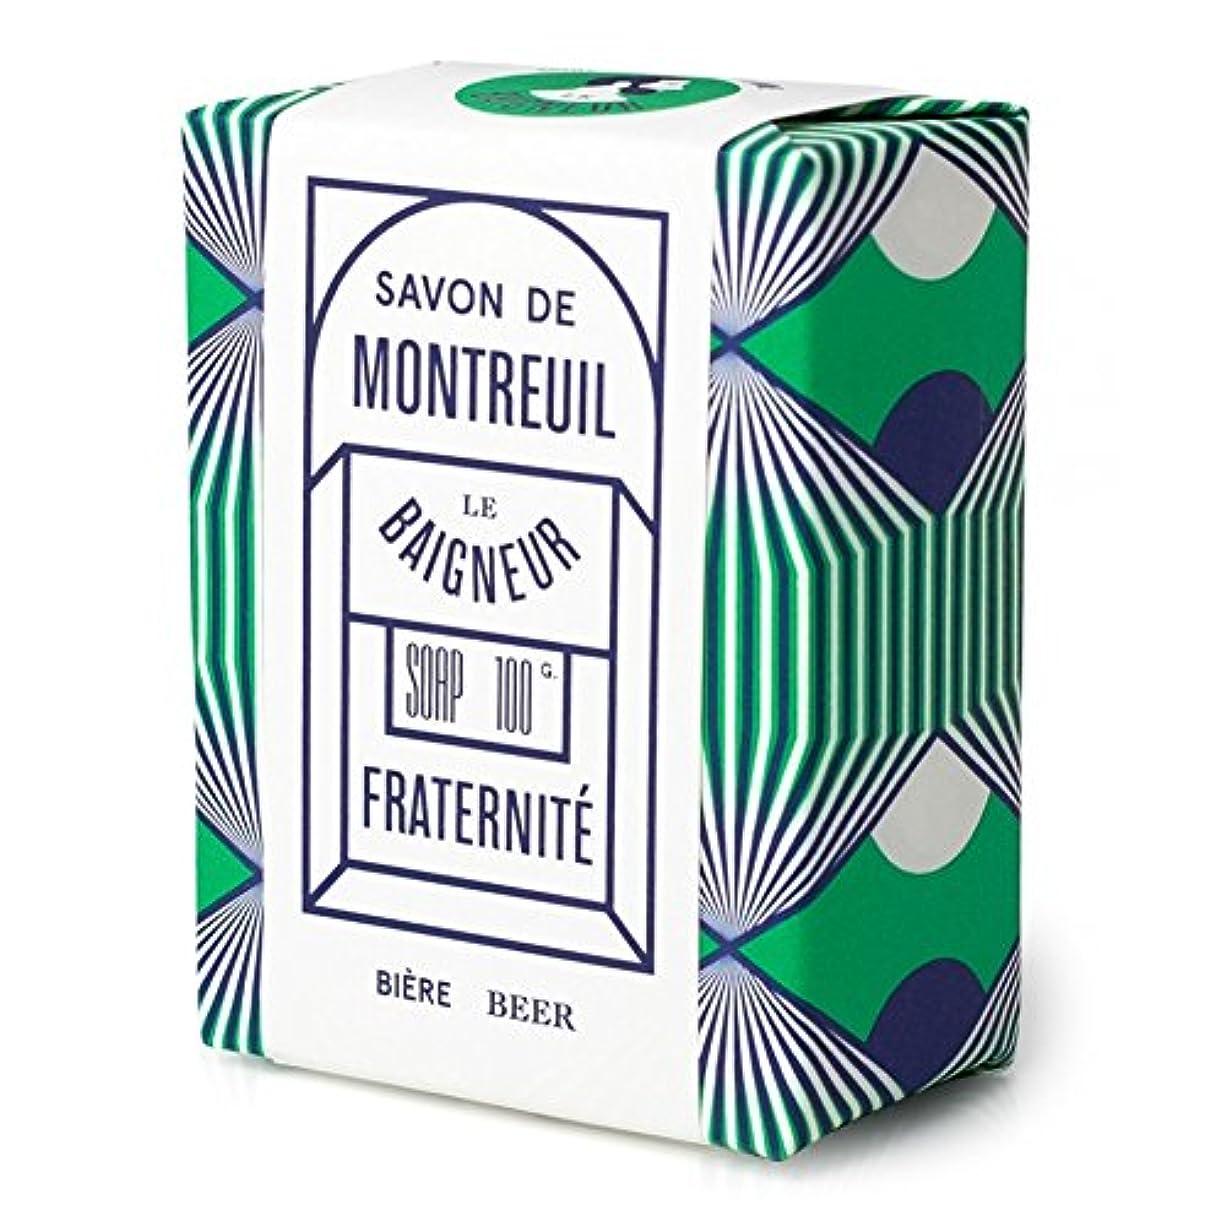 リベラルつば足首ル 石鹸100グラム x2 - Le Baigneur Fraternite Soap 100g (Pack of 2) [並行輸入品]